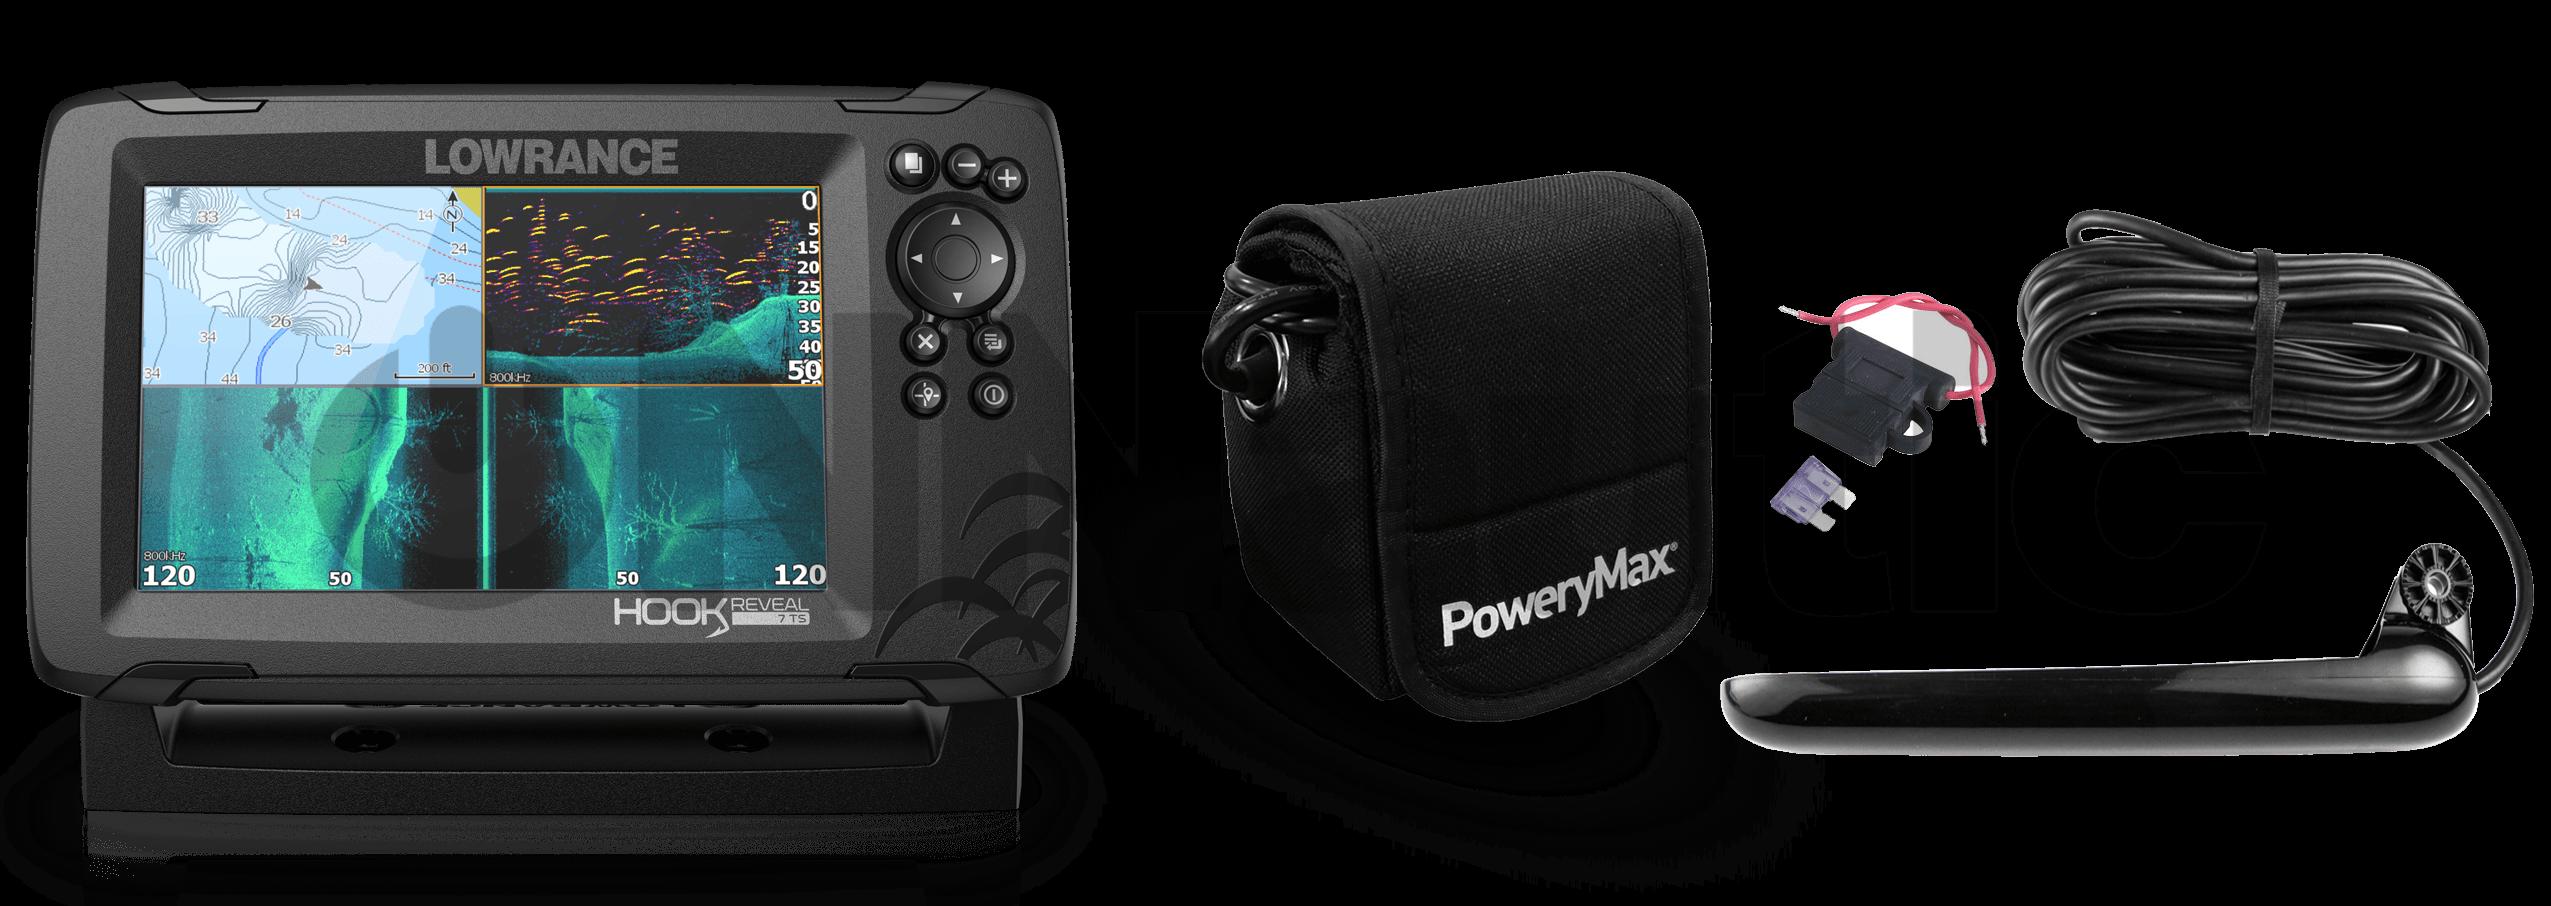 Hook Reveal 7TS PoweryMax Ready